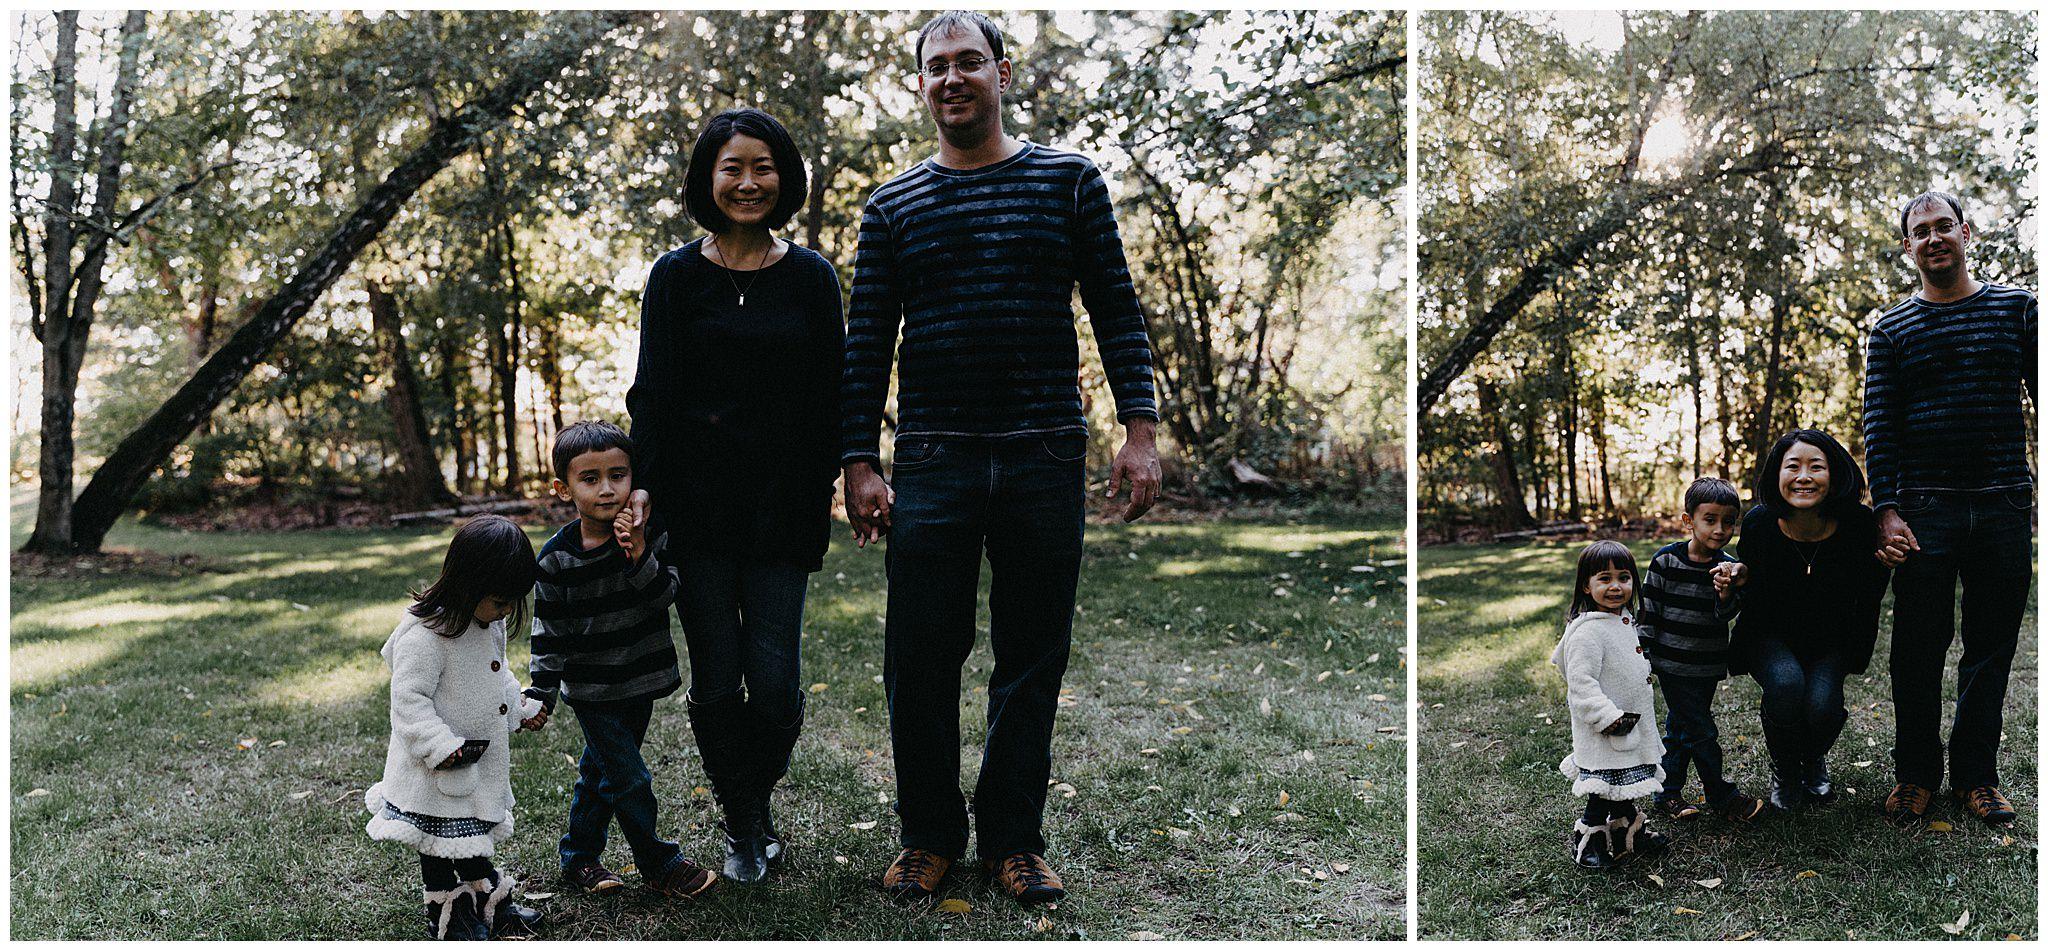 northacres-family-session-sliva4.jpg